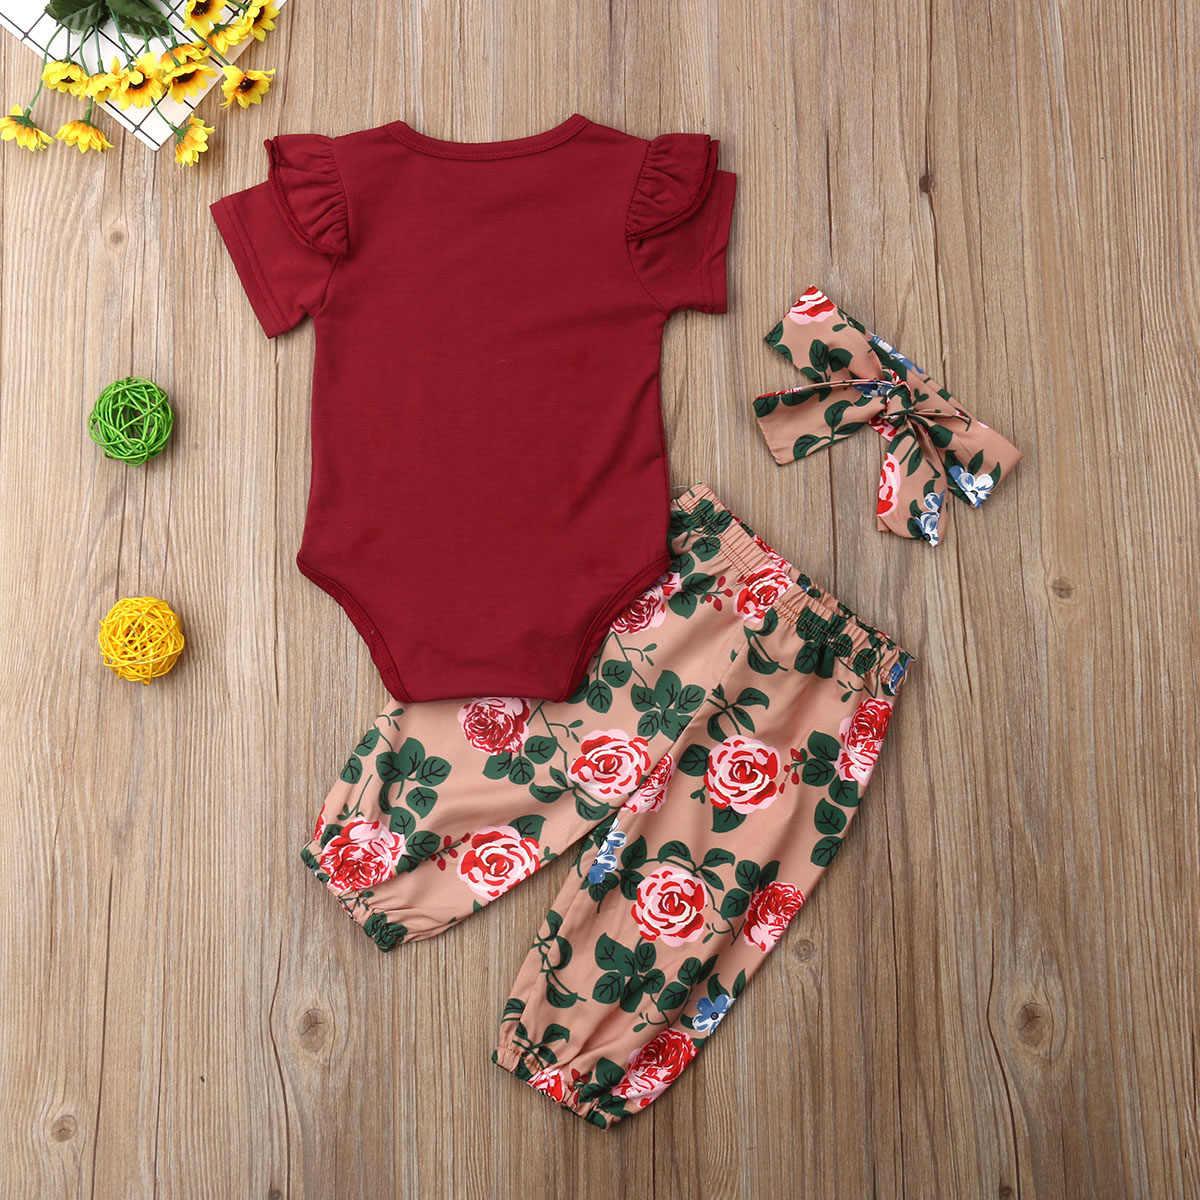 Новинка 2019 года; стильный красный комбинезон с короткими рукавами для новорожденных девочек; сезон весна-лето-осень + штаны с цветочным принтом + повязка на голову; комплекты одежды для детей 0-18 месяцев